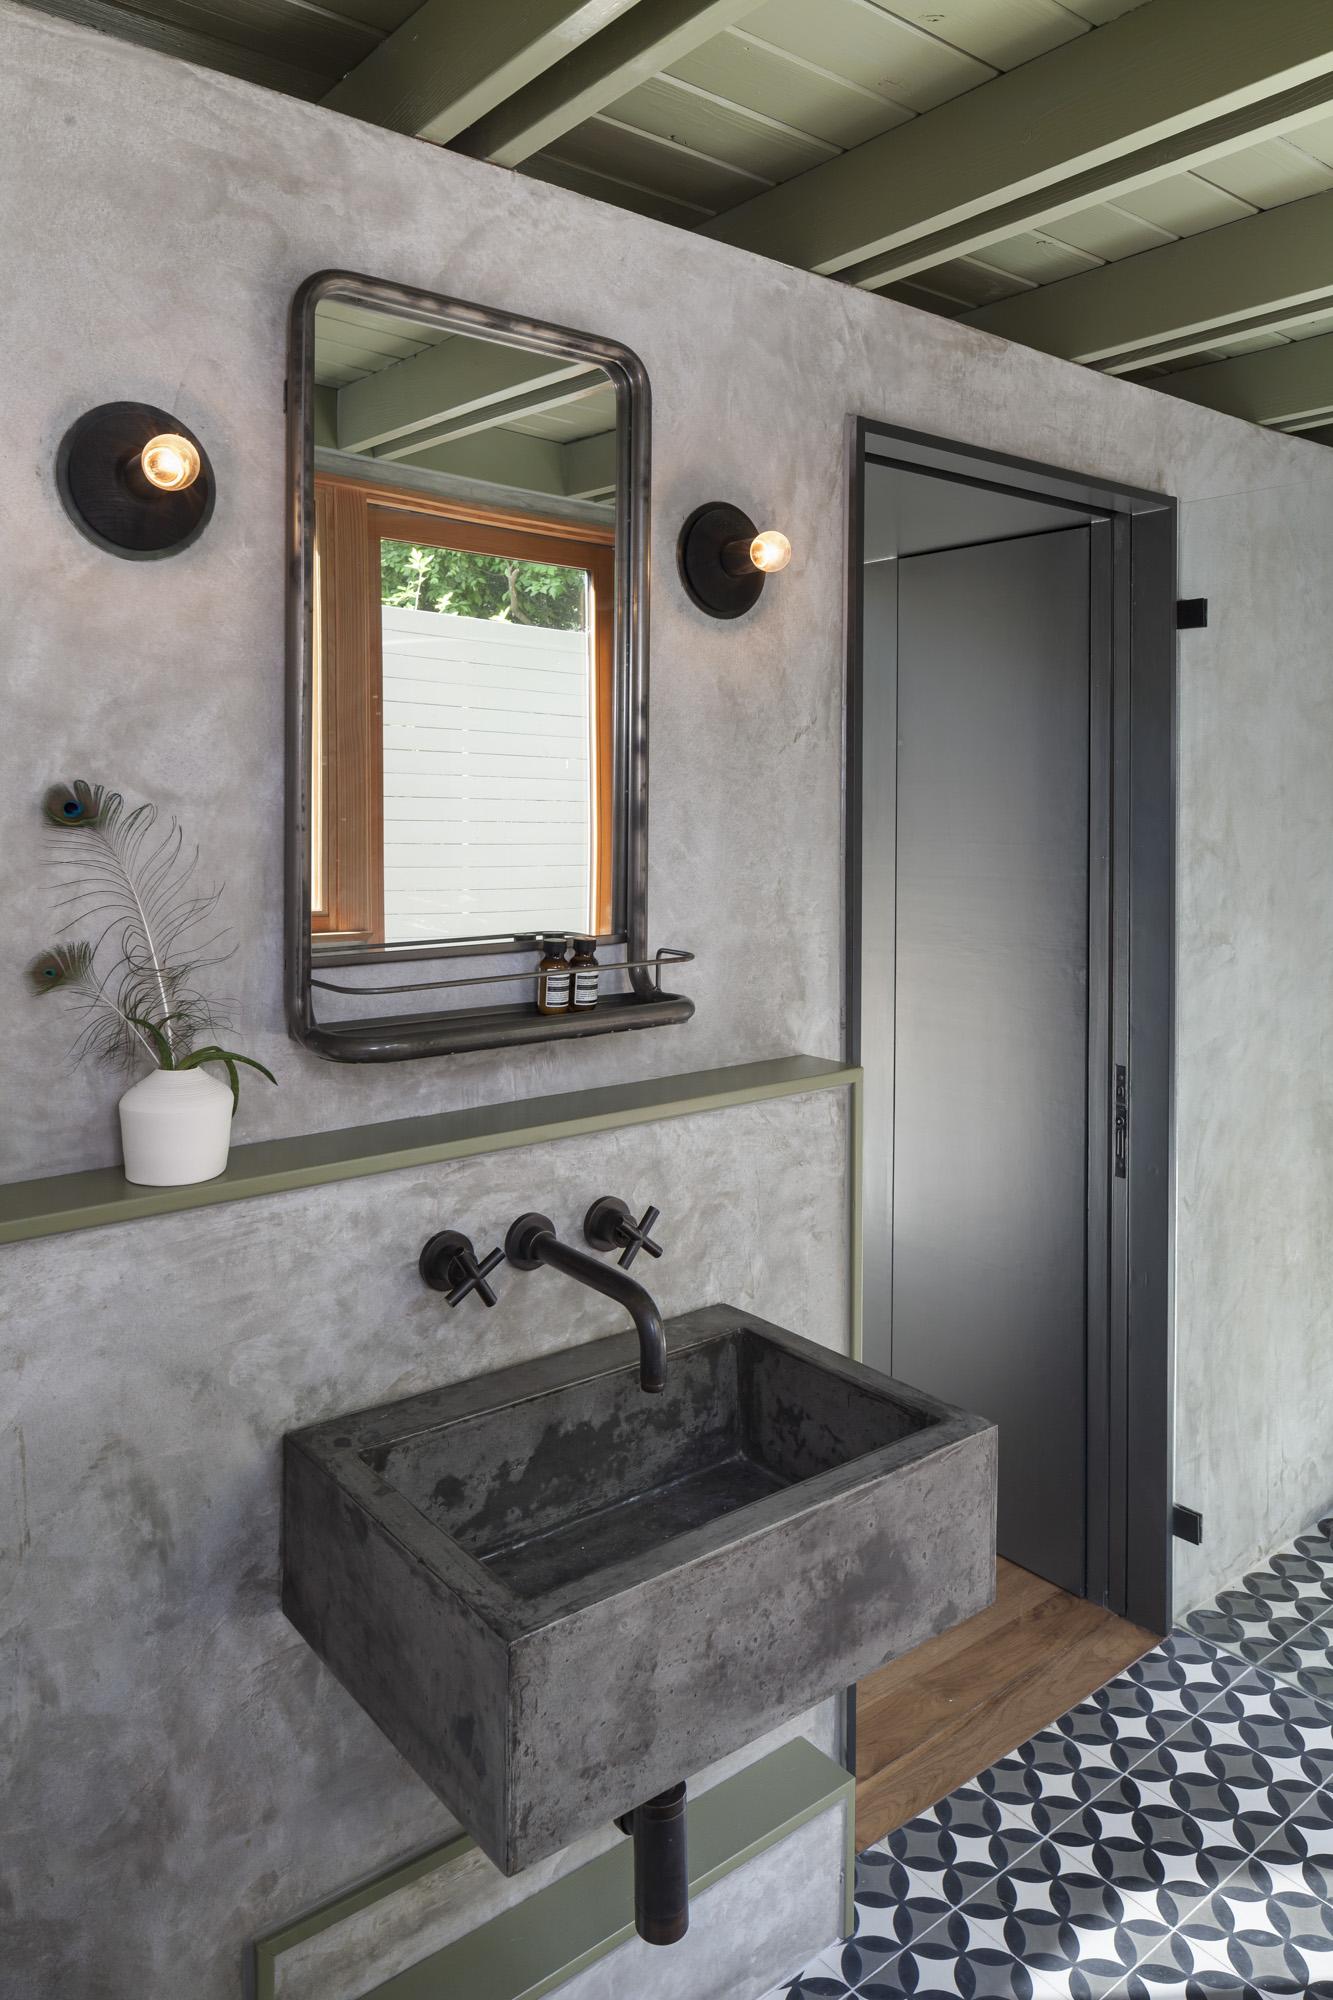 Elizabeth-Baird-Architecture-Garner Pool and Casita- casita bathroom sink.jpg